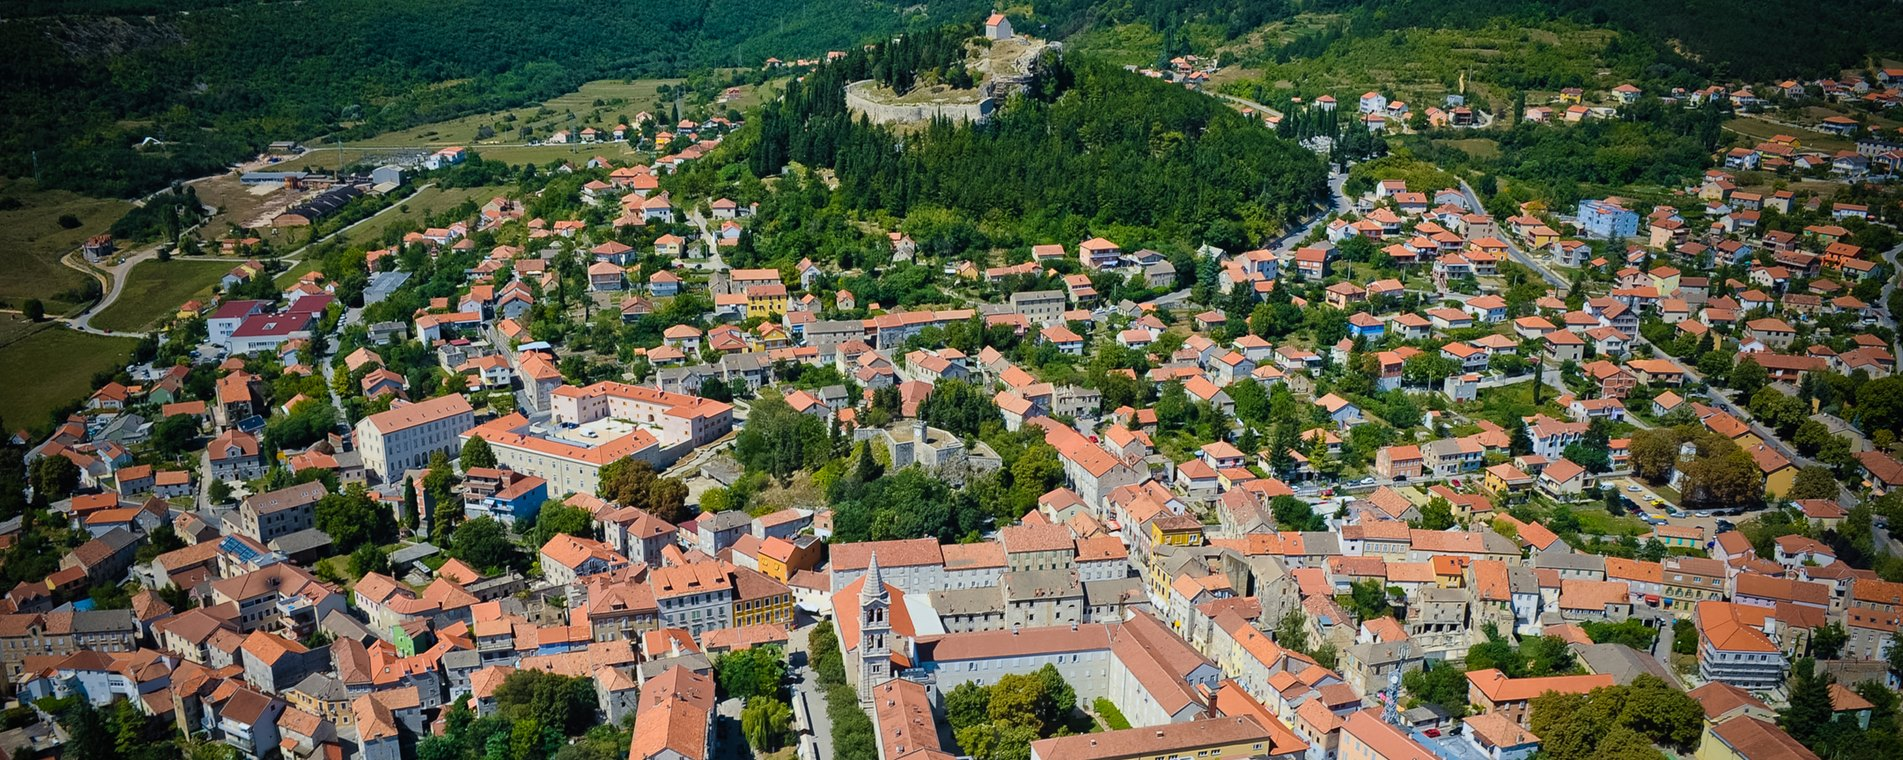 Grad Sinj iz zraka